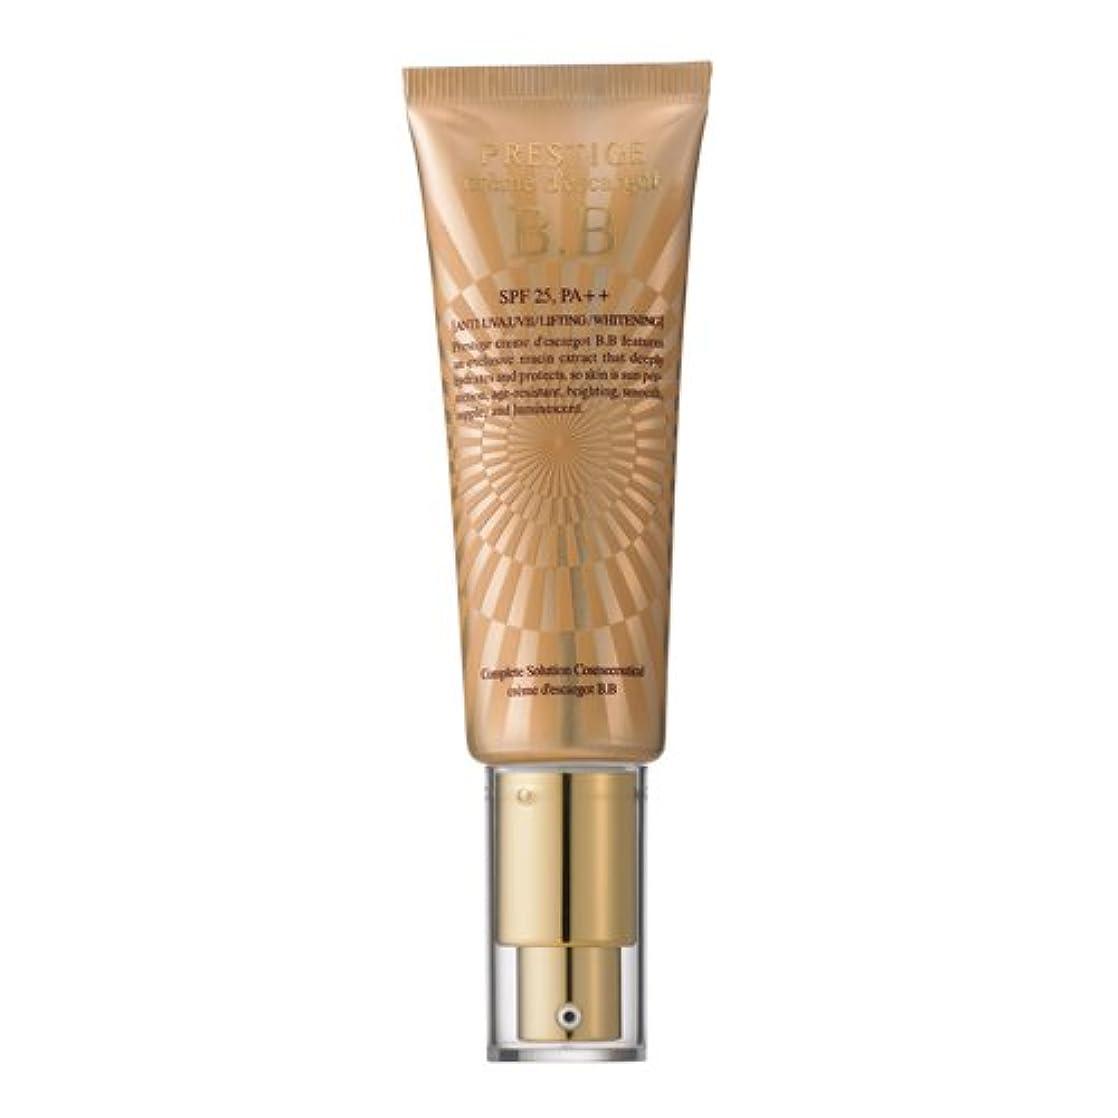 自体ソース熱望するIt's skin(イッツスキン) かたつむり成分配合 プレステージ クリーム エスカルゴ BB SPF25 PA++ EGF 50ml